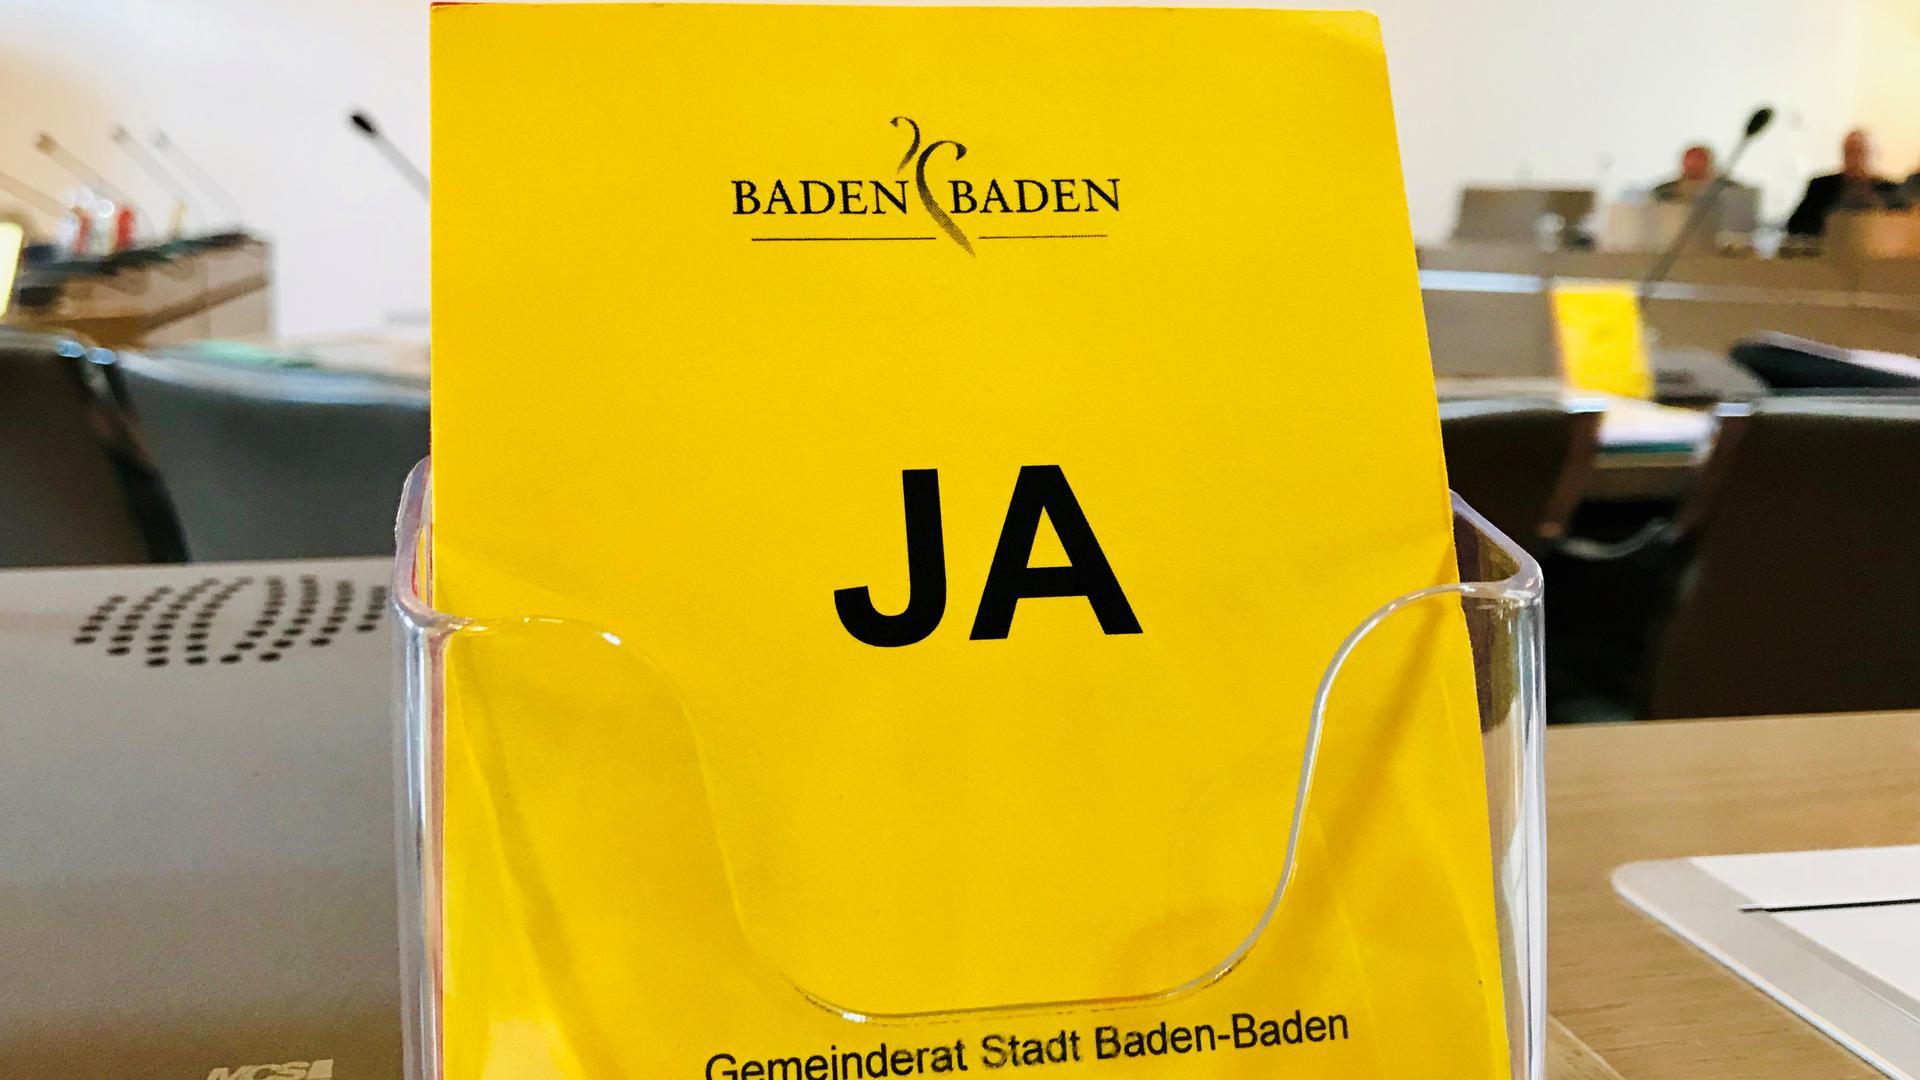 Das Ergebnis für die Kommunalwahl in Baden-Baden wird an diesem Montag, 27. Mai, ermittelt.